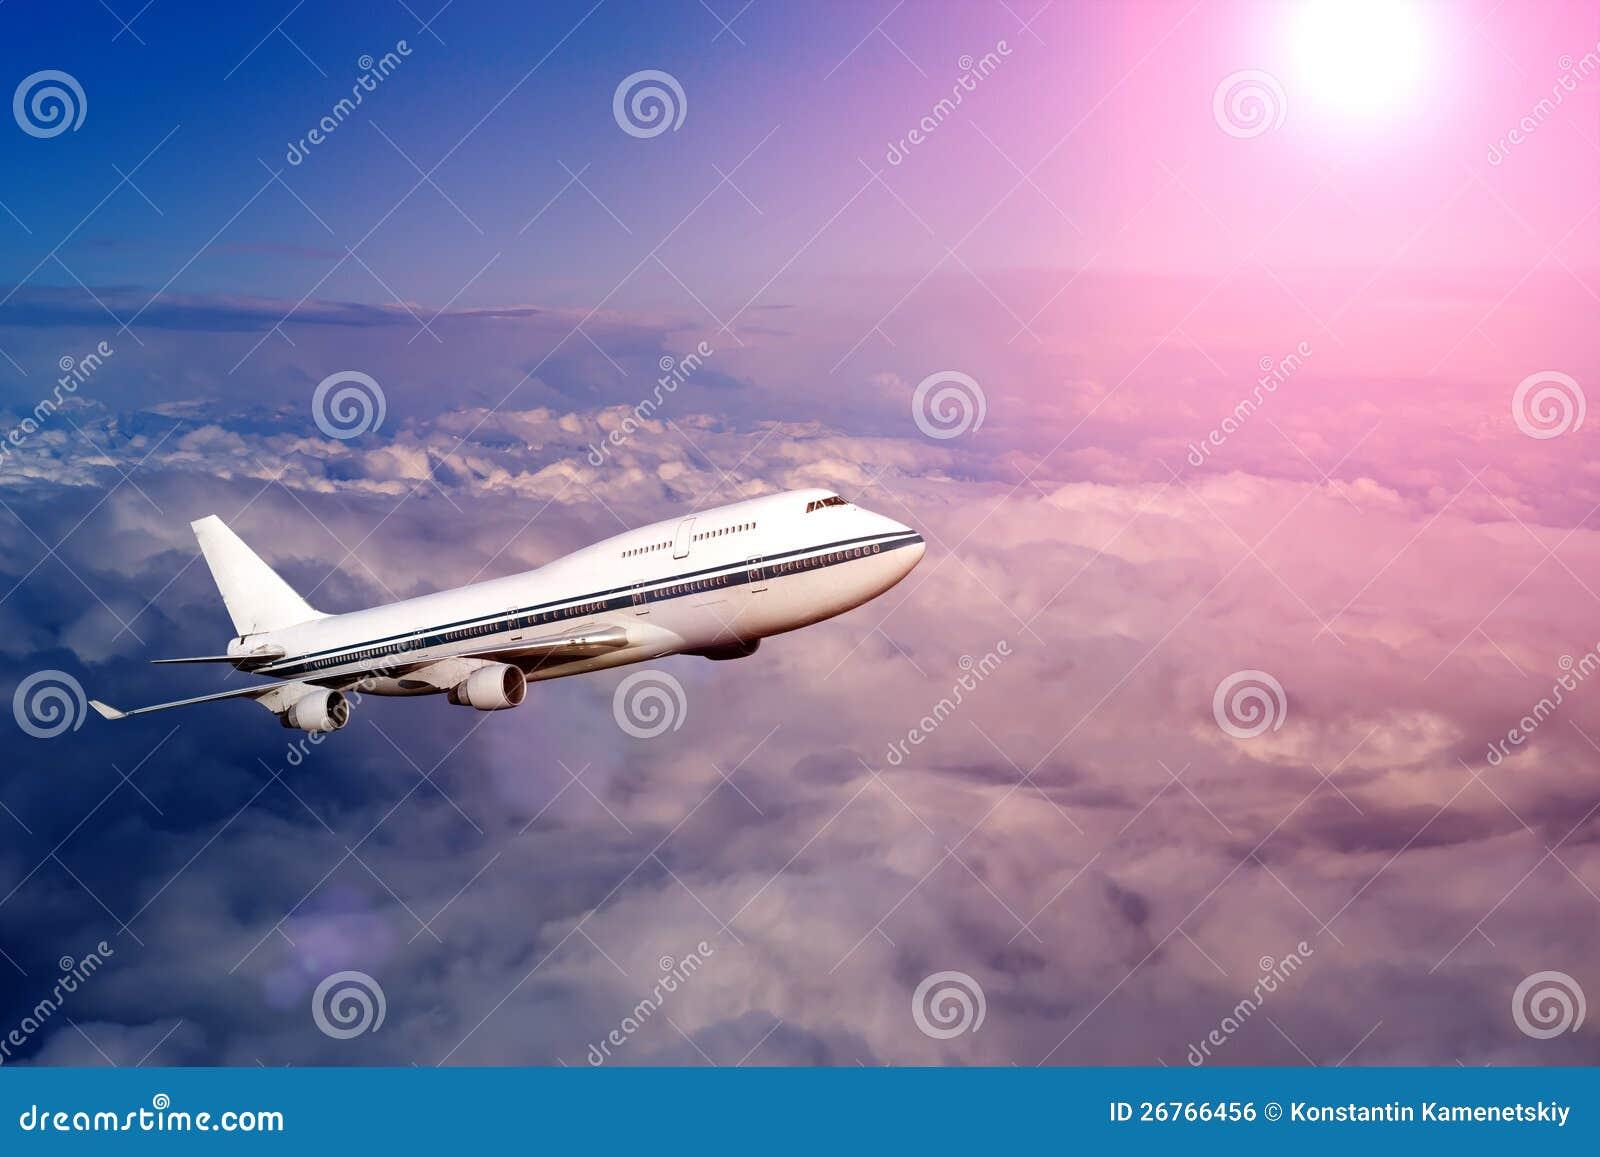 Fluggastflugzeug in den Wolken am Sonnenuntergang oder an der Dämmerung